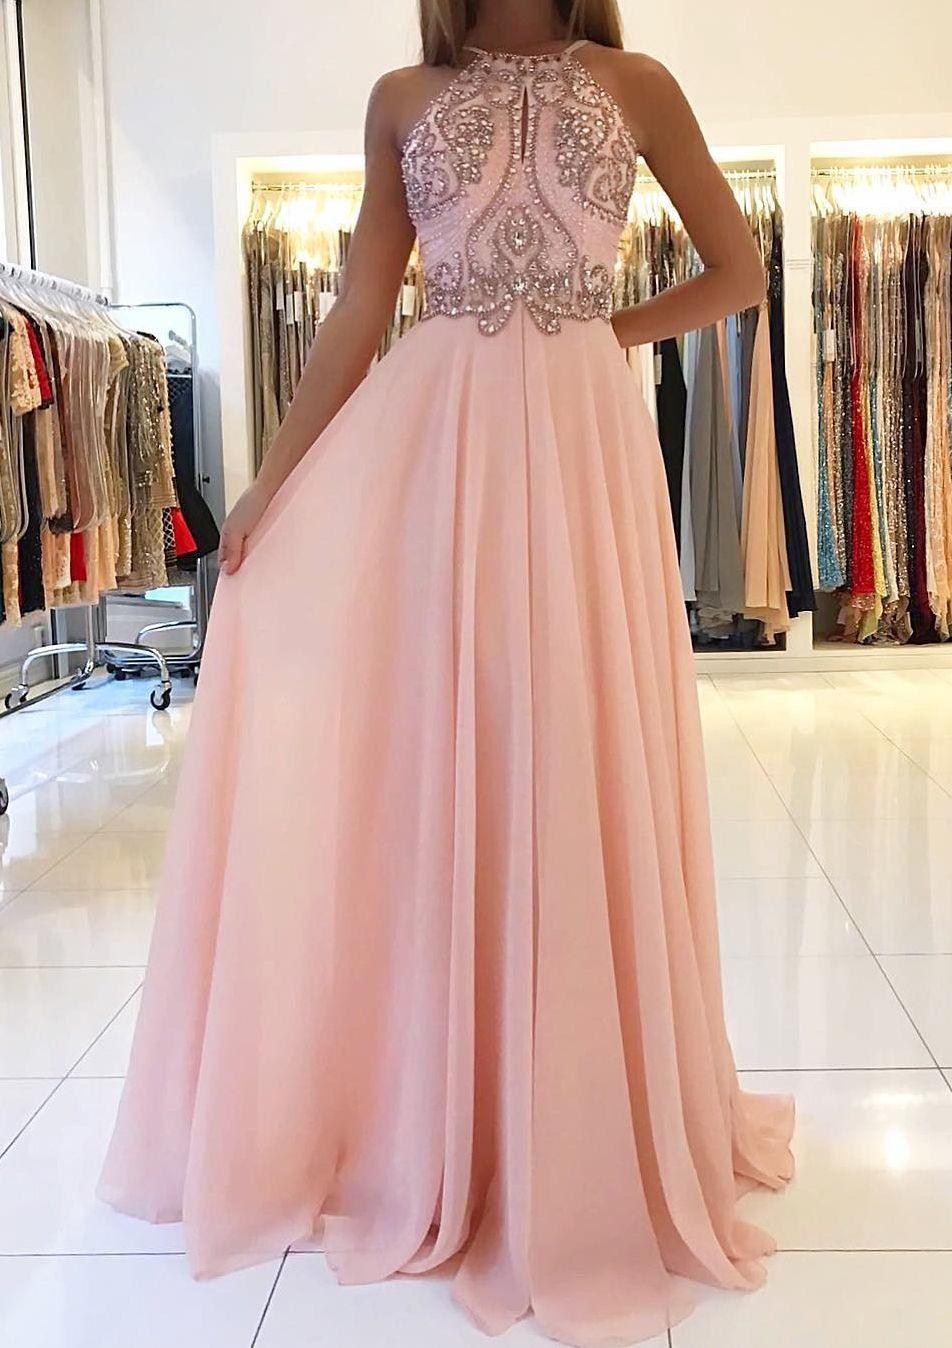 15 Perfekt Abend Kleider Rosa Galerie15 Leicht Abend Kleider Rosa Spezialgebiet